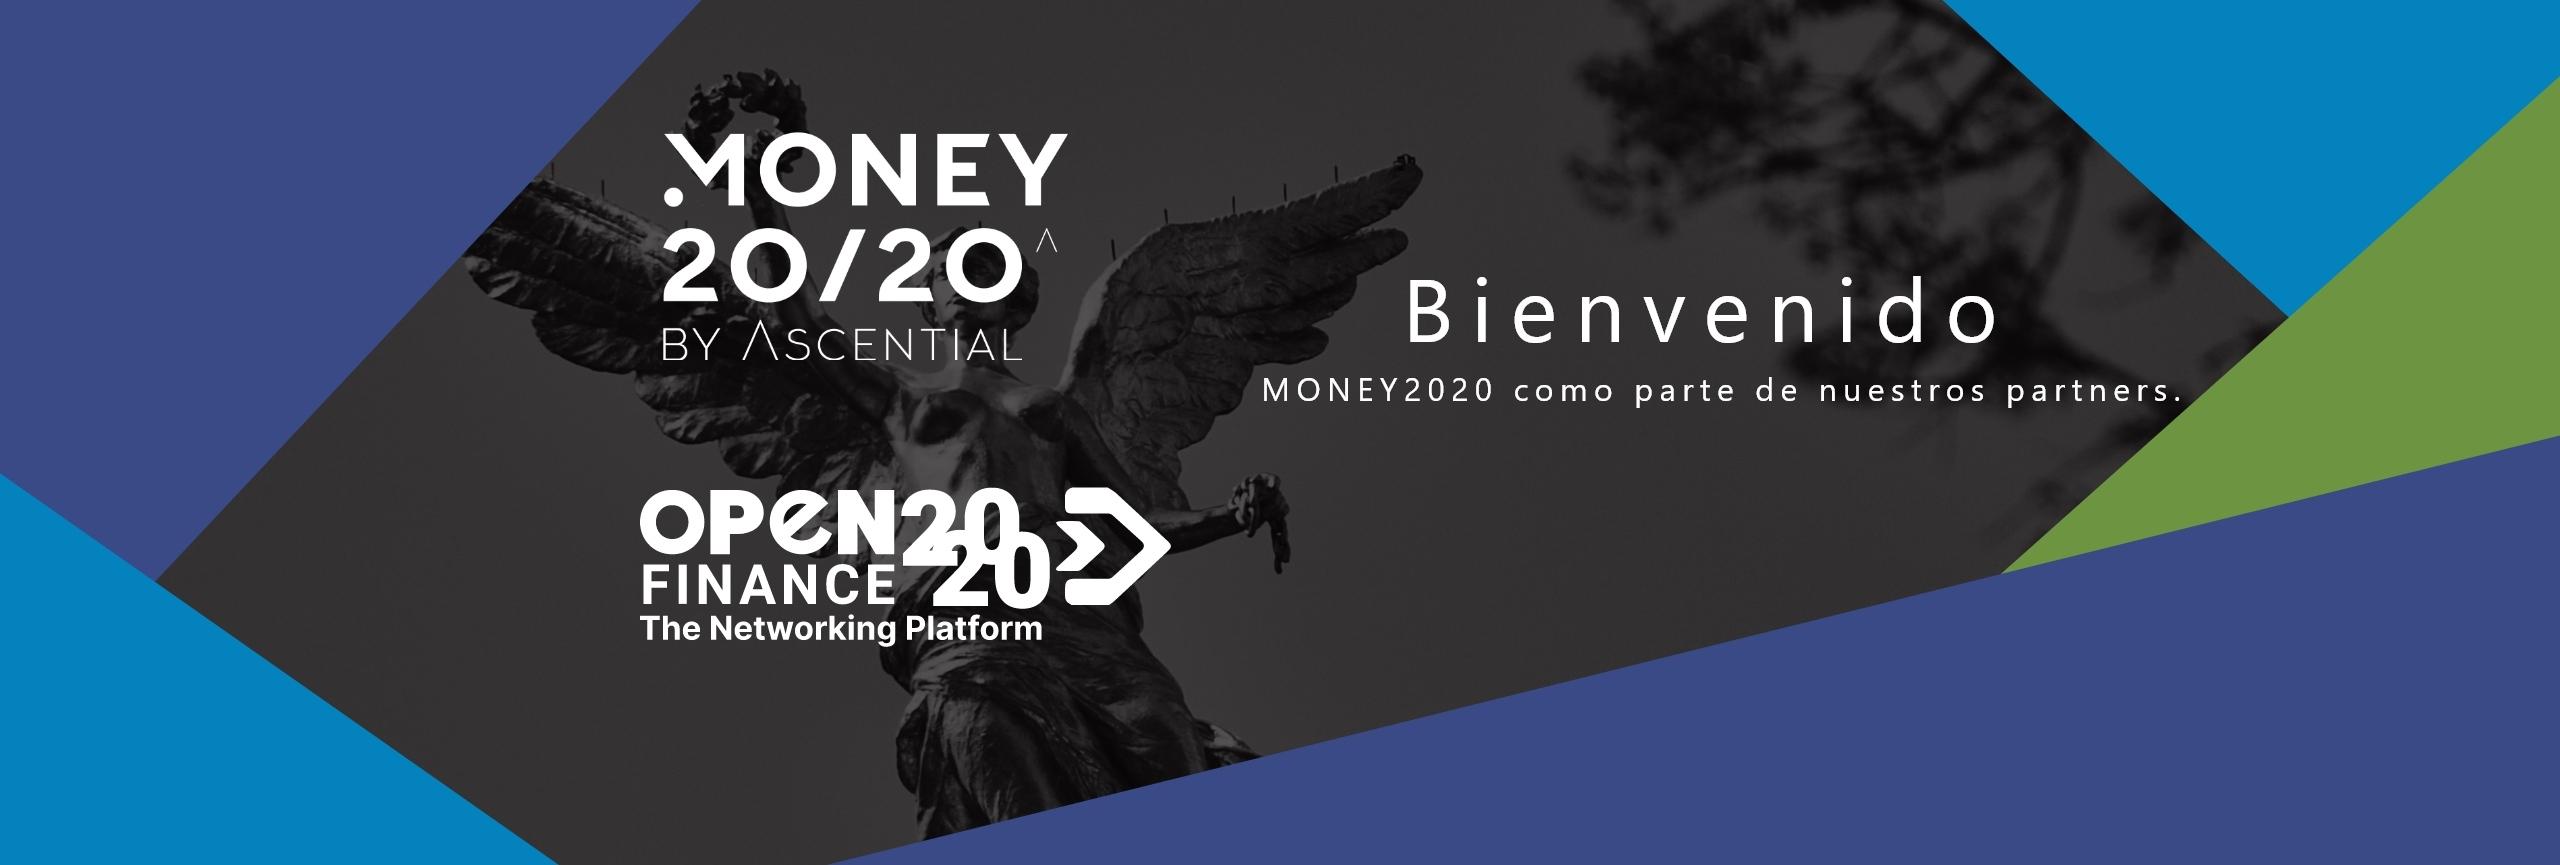 Banner Money